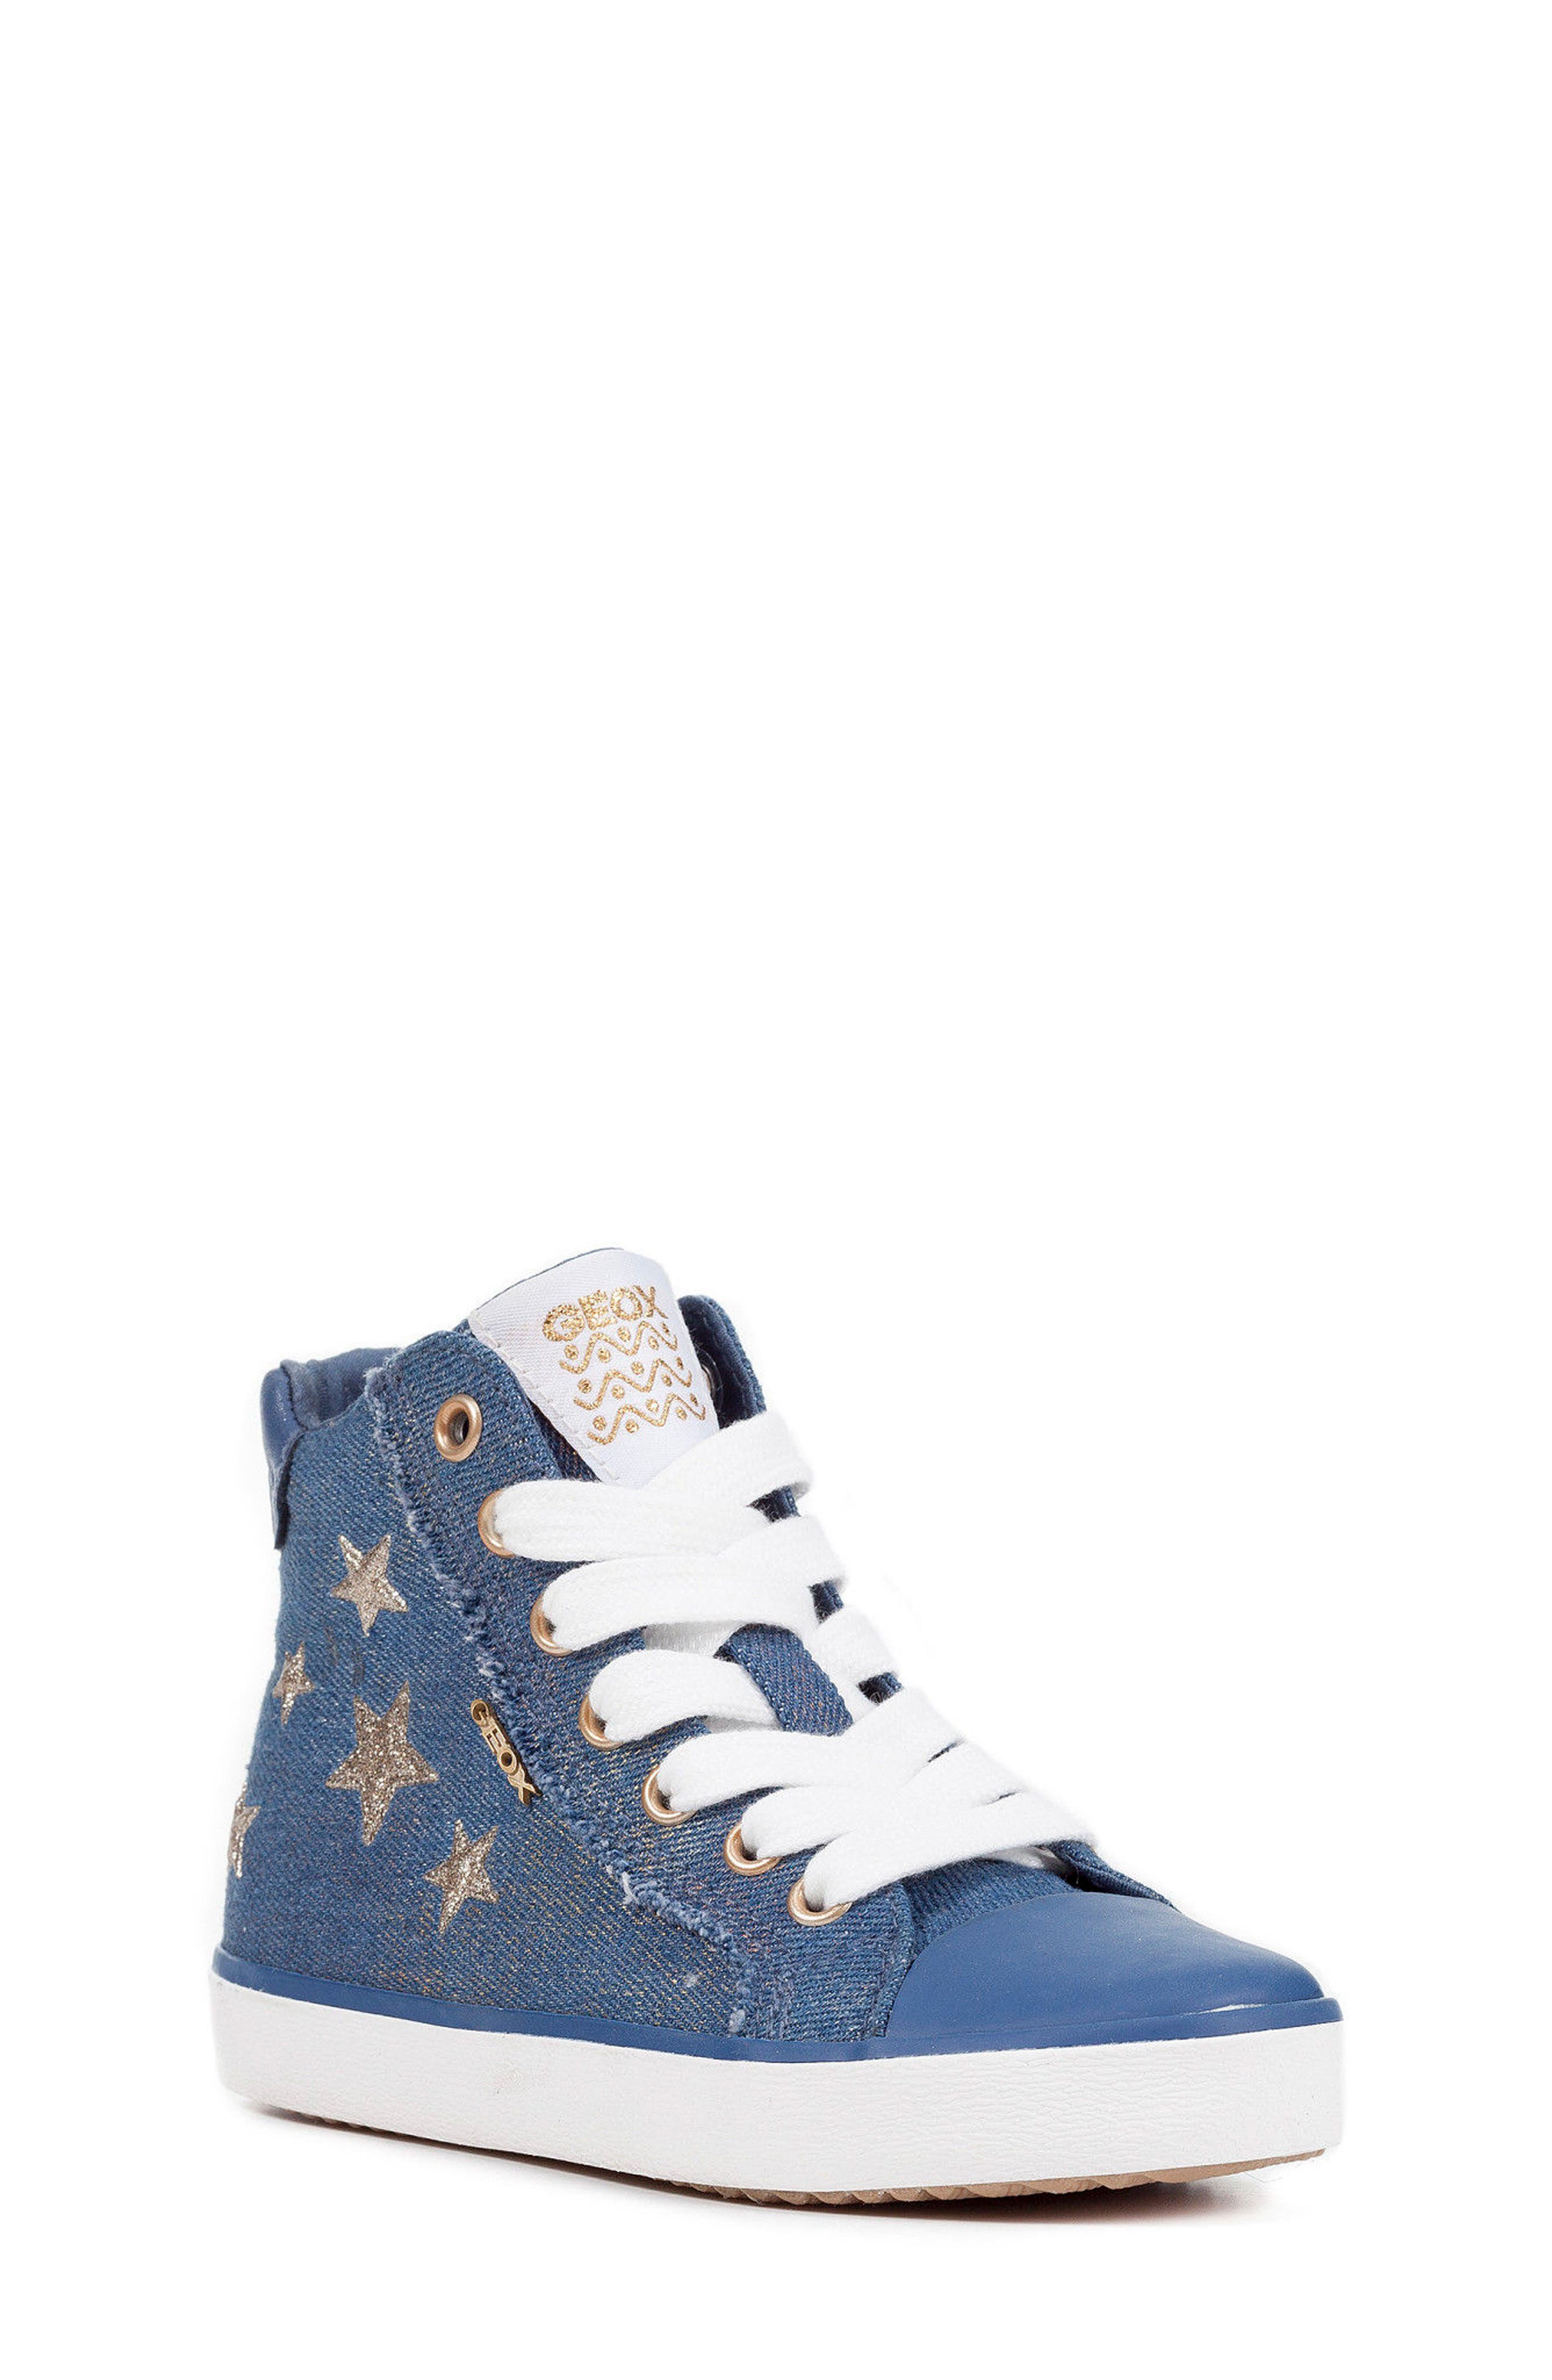 Kilwi High Top Zip Sneaker,                         Main,                         color, Avio